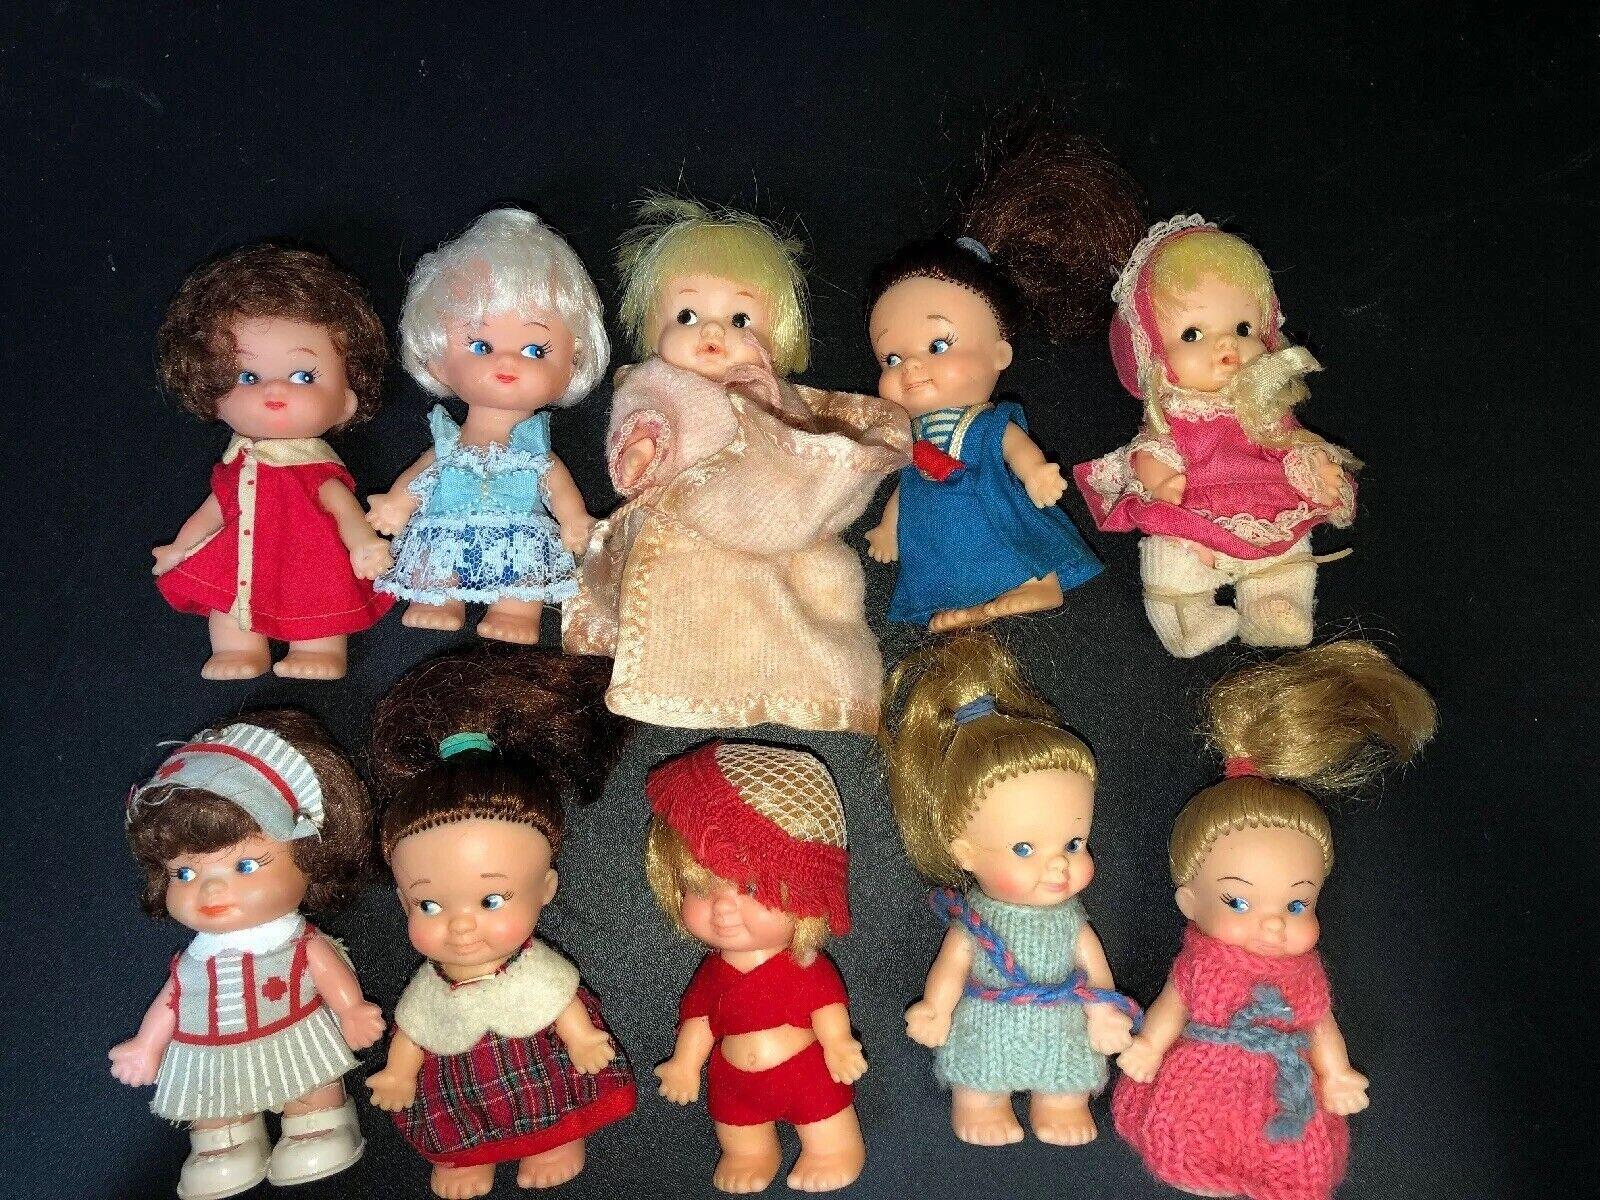 Lote de 10 Muñecos Uneeda 1965 Pee Wee incluso Enfermera Y Pijama Con Manta